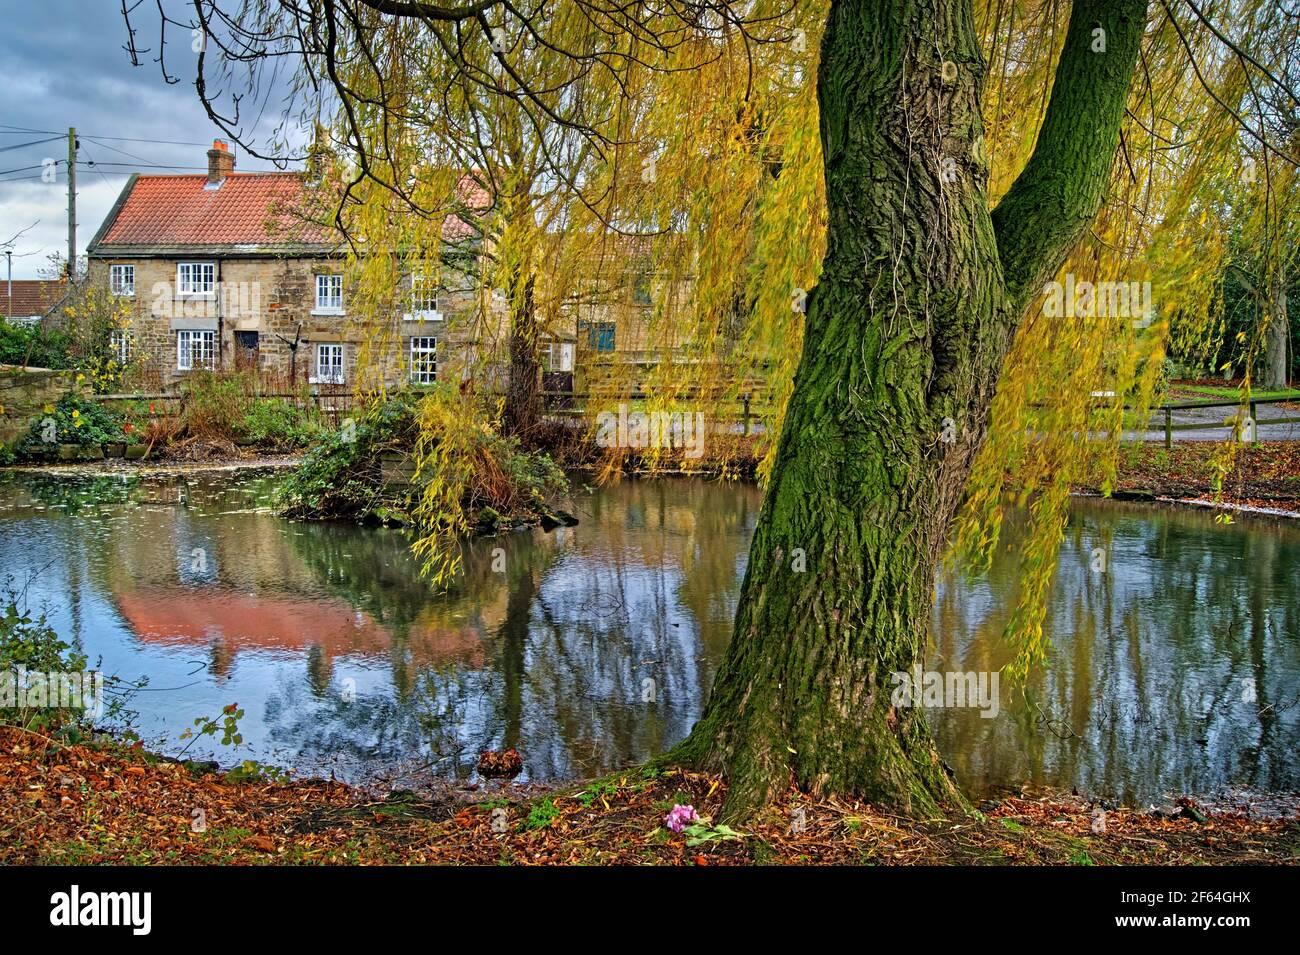 Royaume-Uni, Yorkshire du Sud, Doncaster, village de Clayton avec étang en automne Banque D'Images